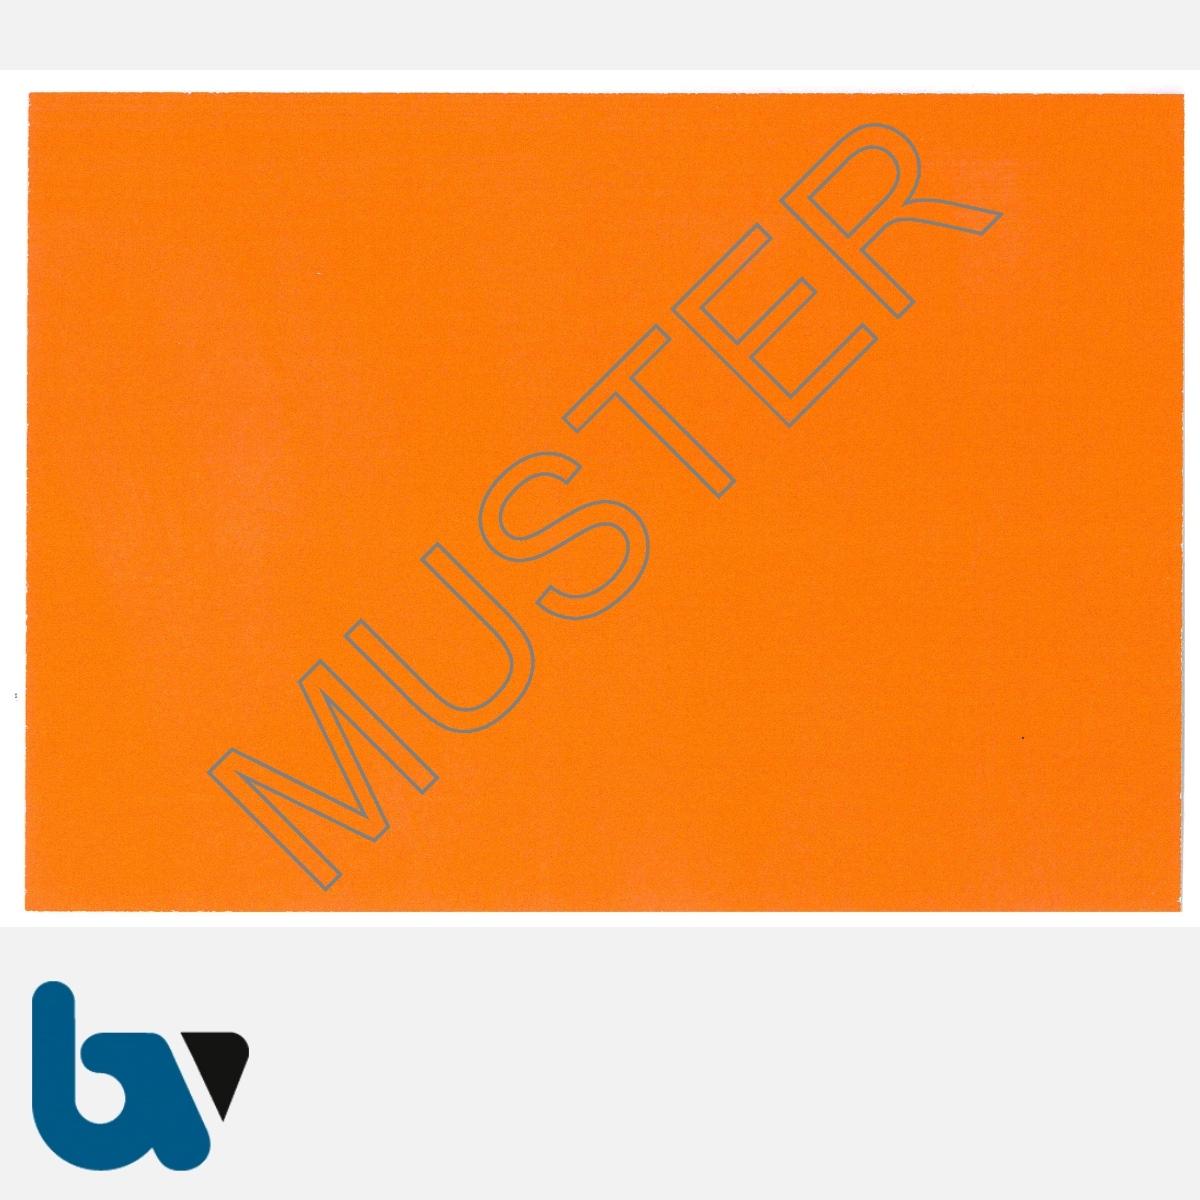 1/685-10 Parkausweis zur Ausnahmegenehmigung über Parkerleichterungen NRW orange Modell behinderte Menschen DIN A6 orange RS | Borgard Verlag GmbH